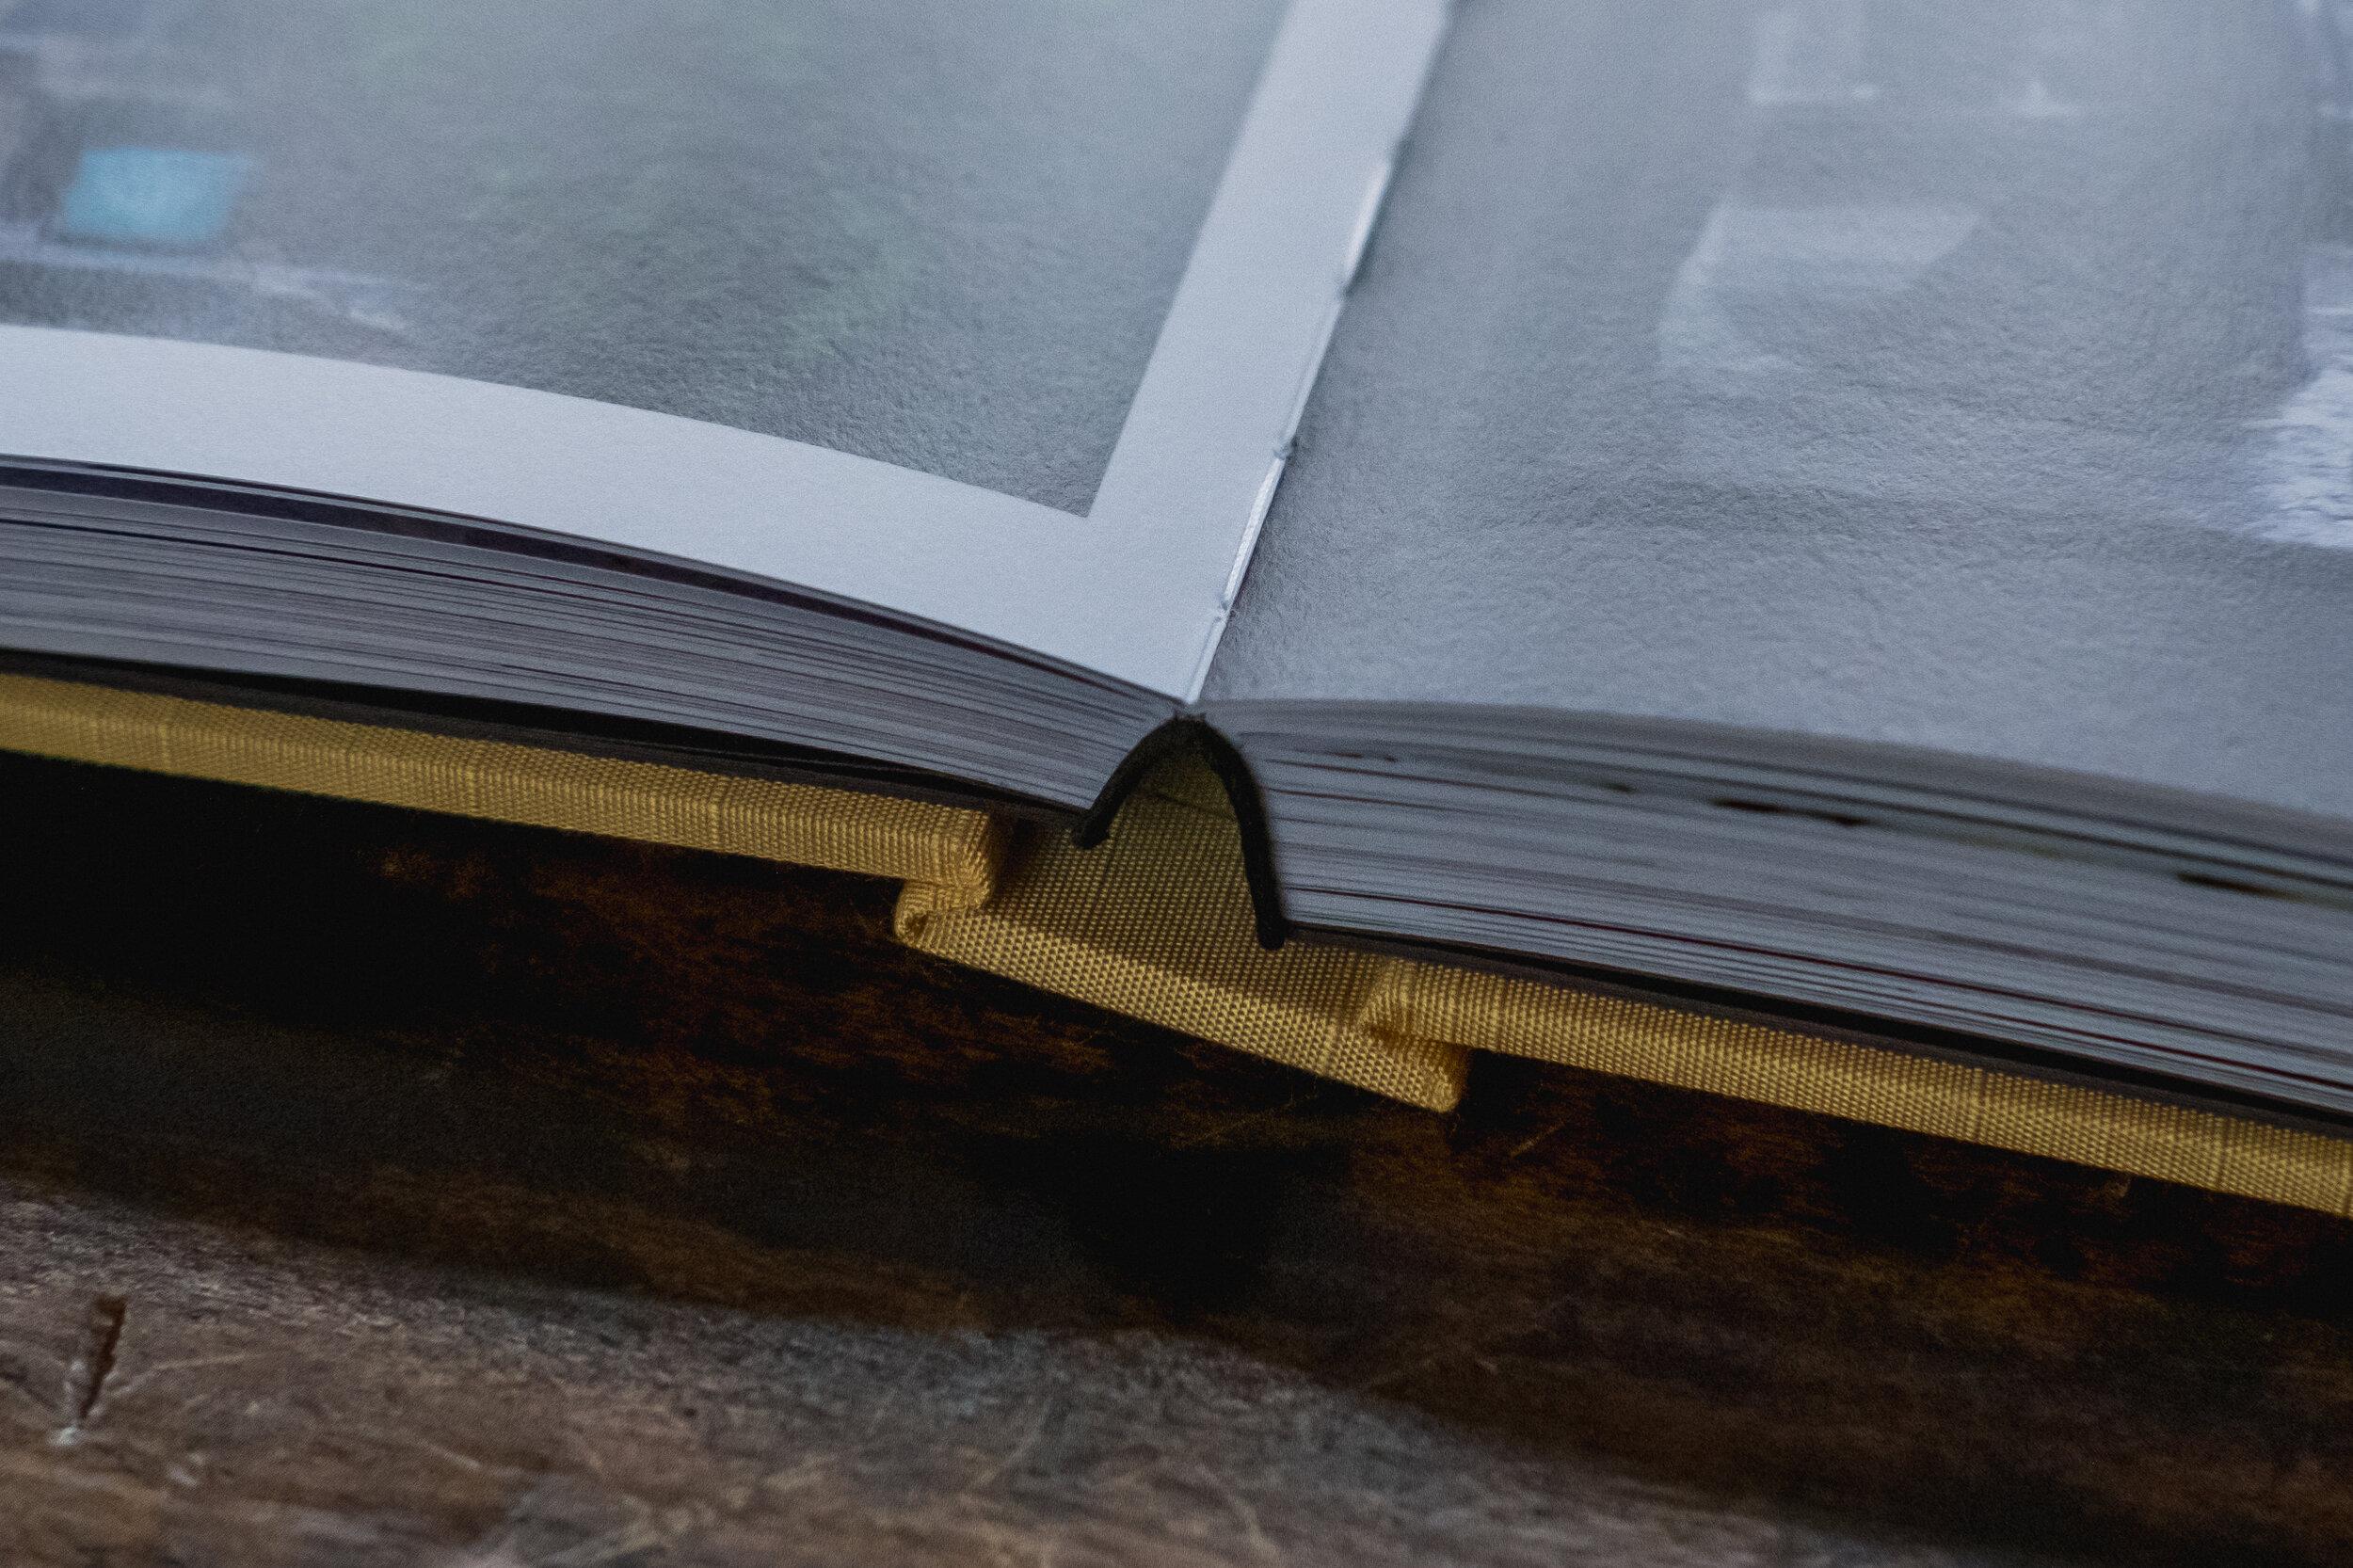 storybook-006.JPG